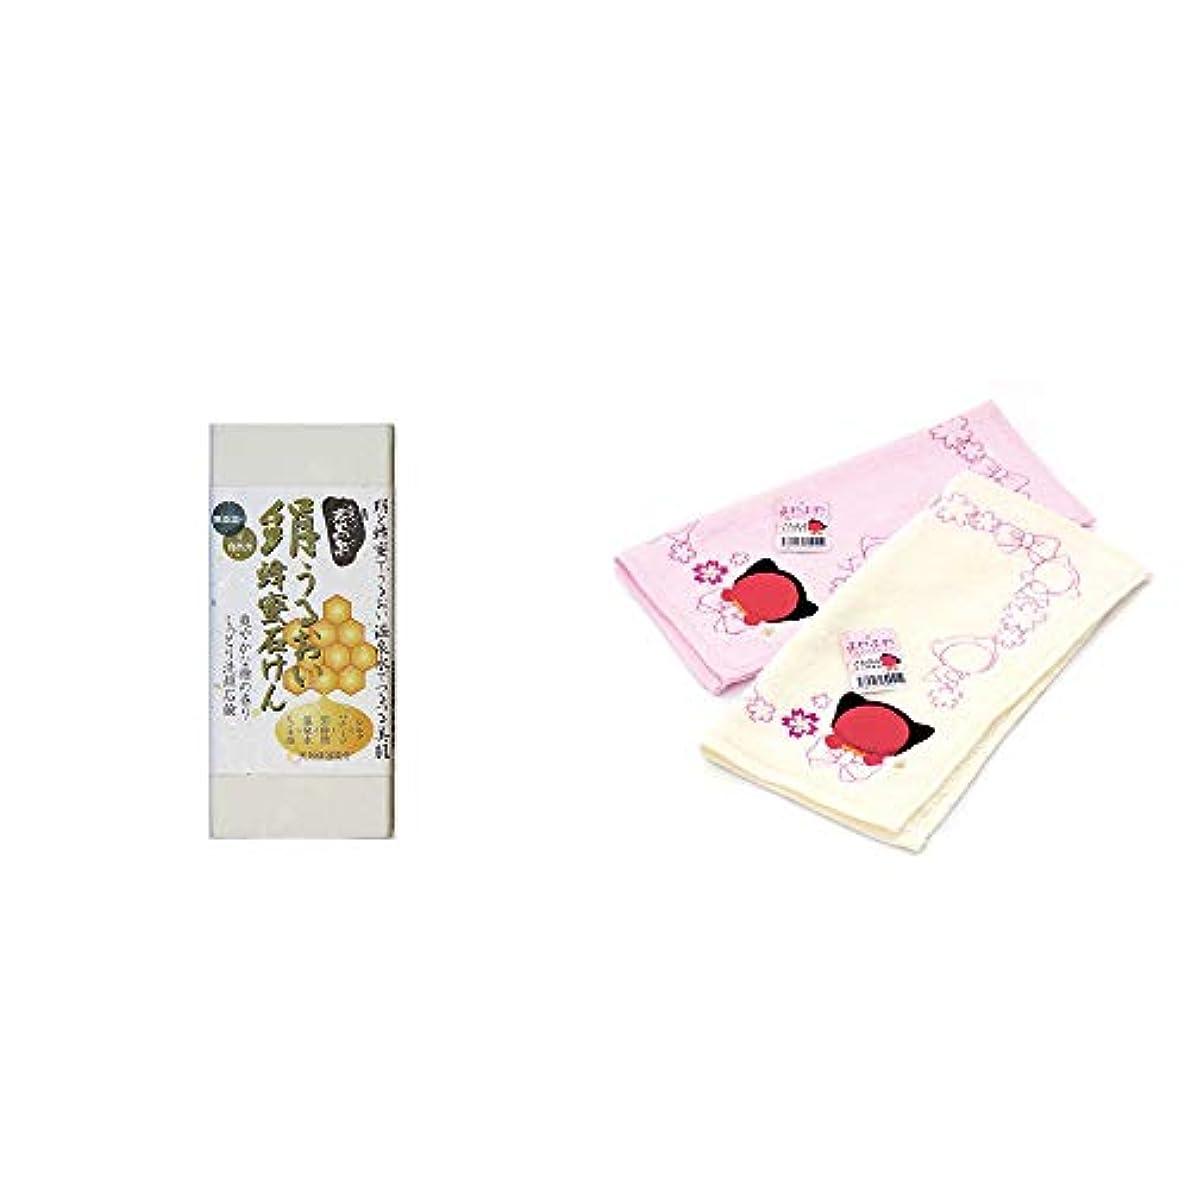 促進する逆説メンテナンス[2点セット] ひのき炭黒泉 絹うるおい蜂蜜石けん(75g×2)?さるぼぼ ふわふわタオルハンカチ【クリーム】